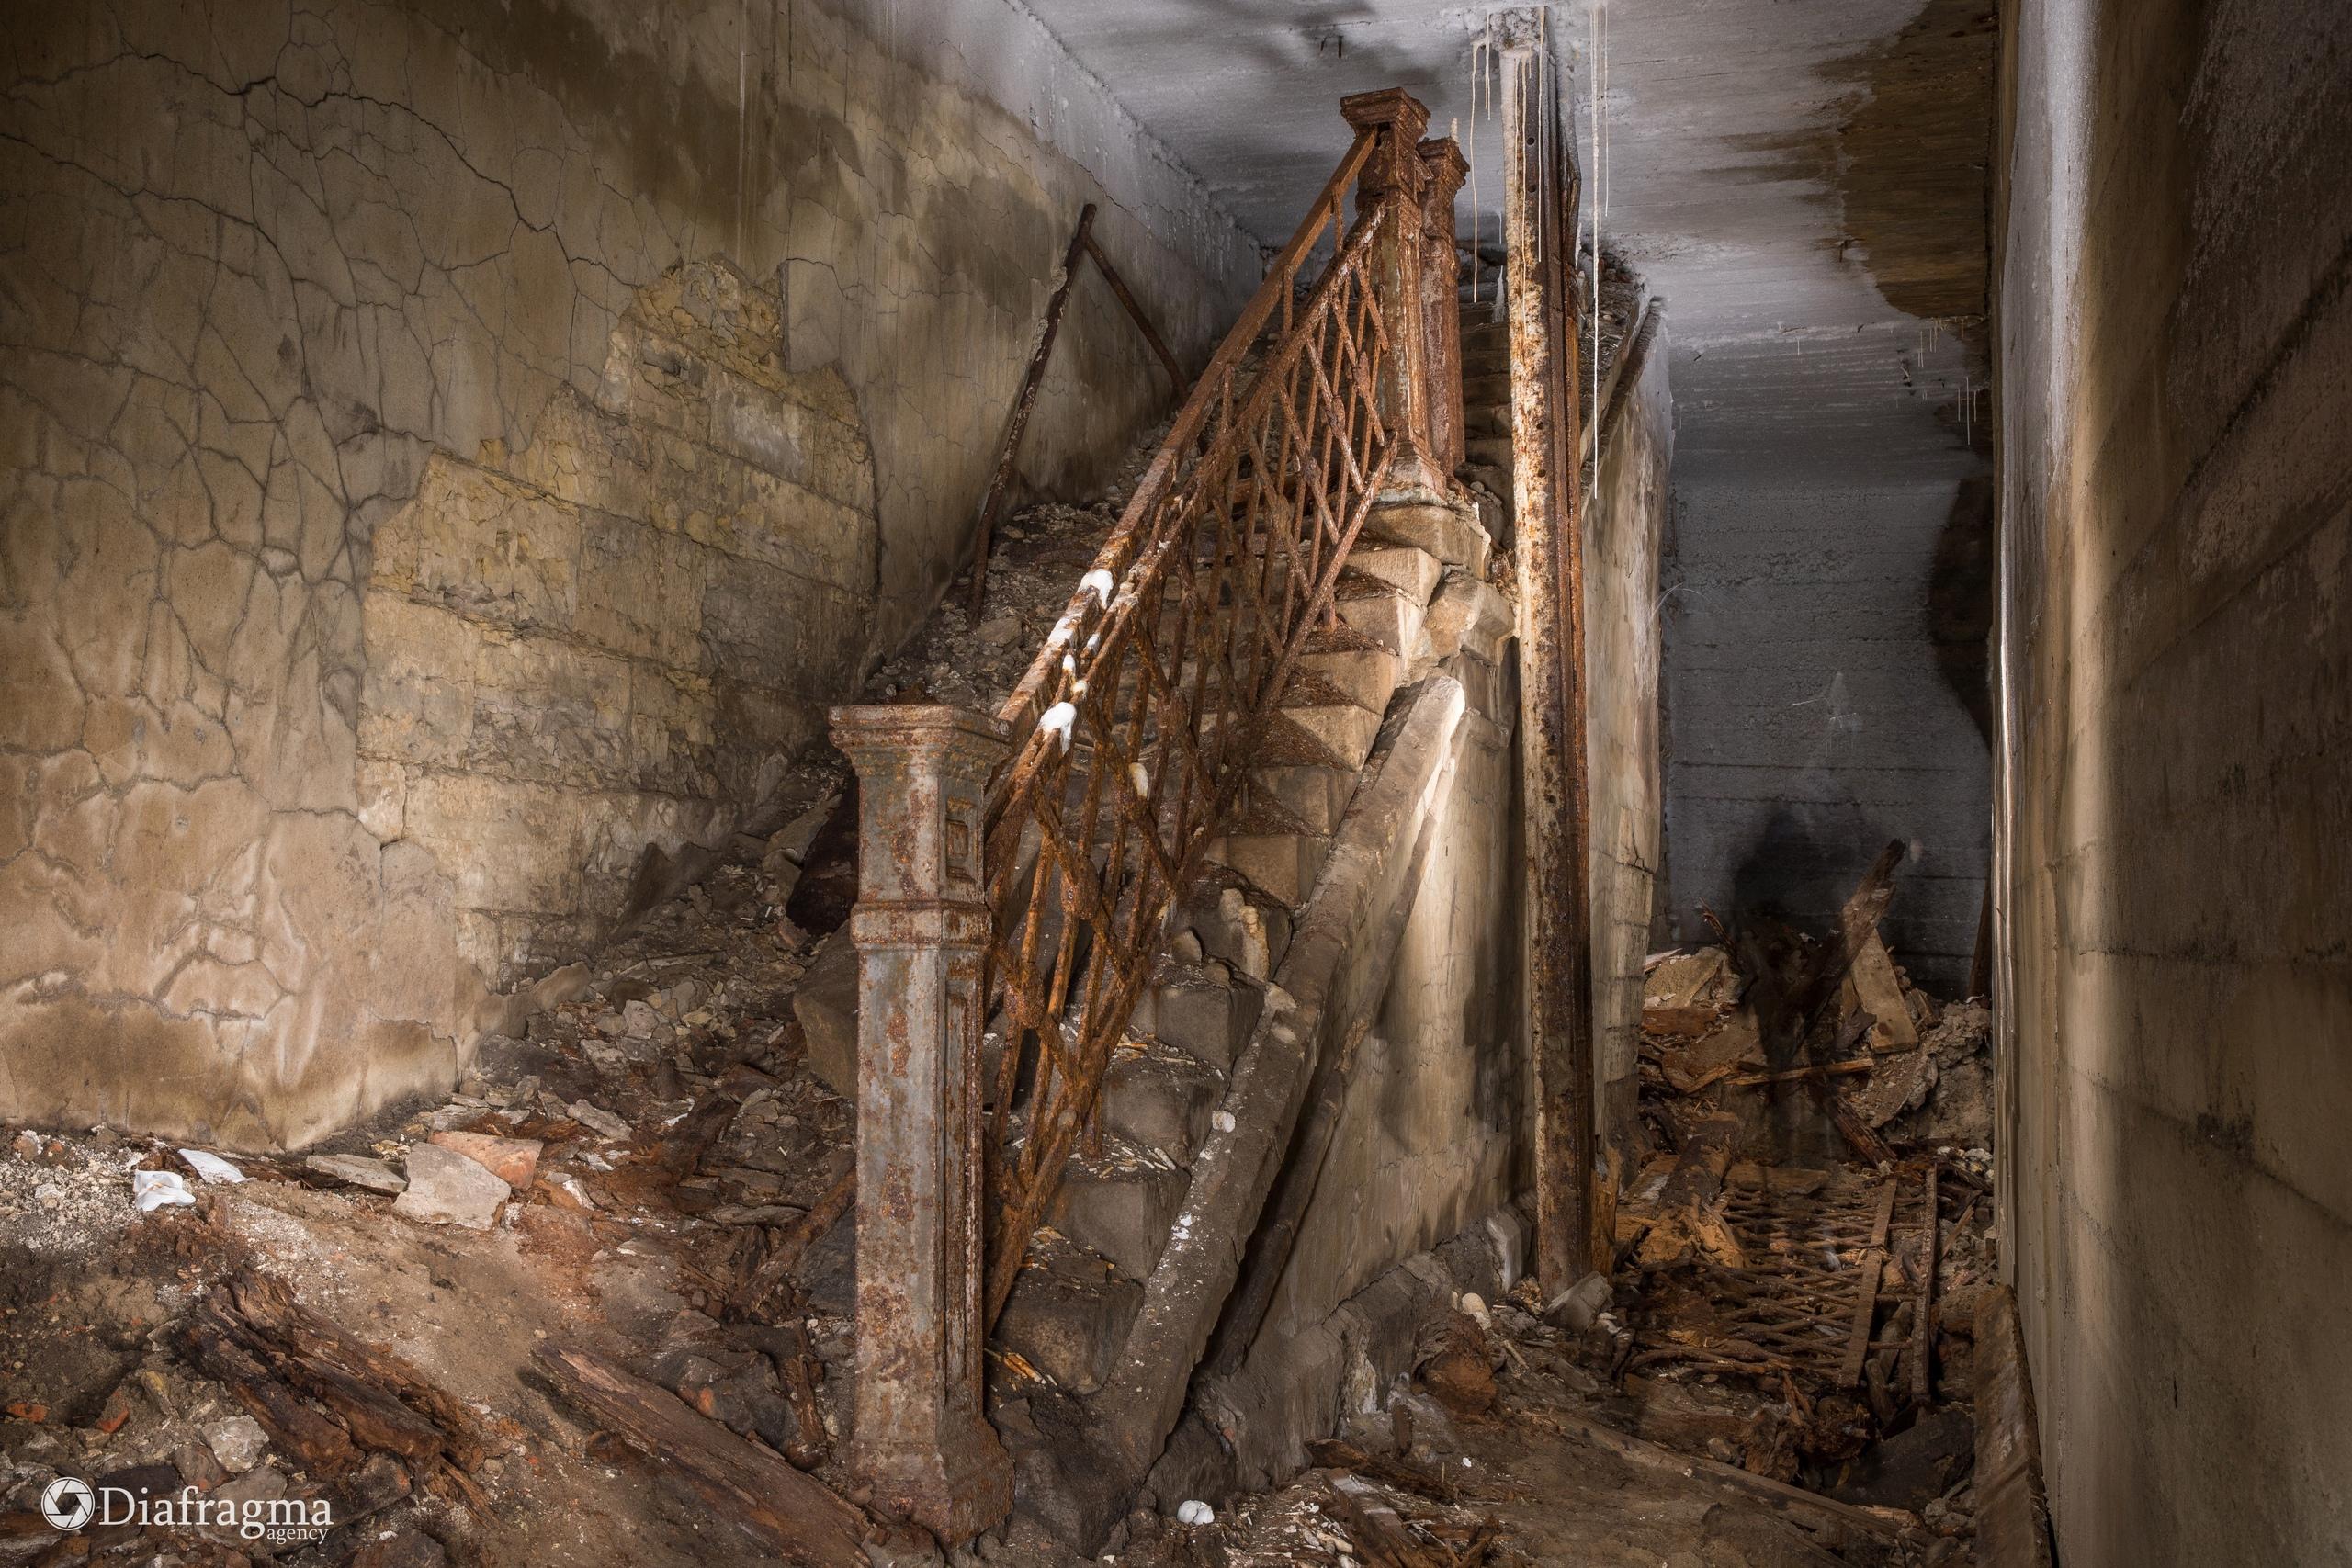 Дореволюционная лестница скрытая за стенами в процессе неоднократной реконструкции.